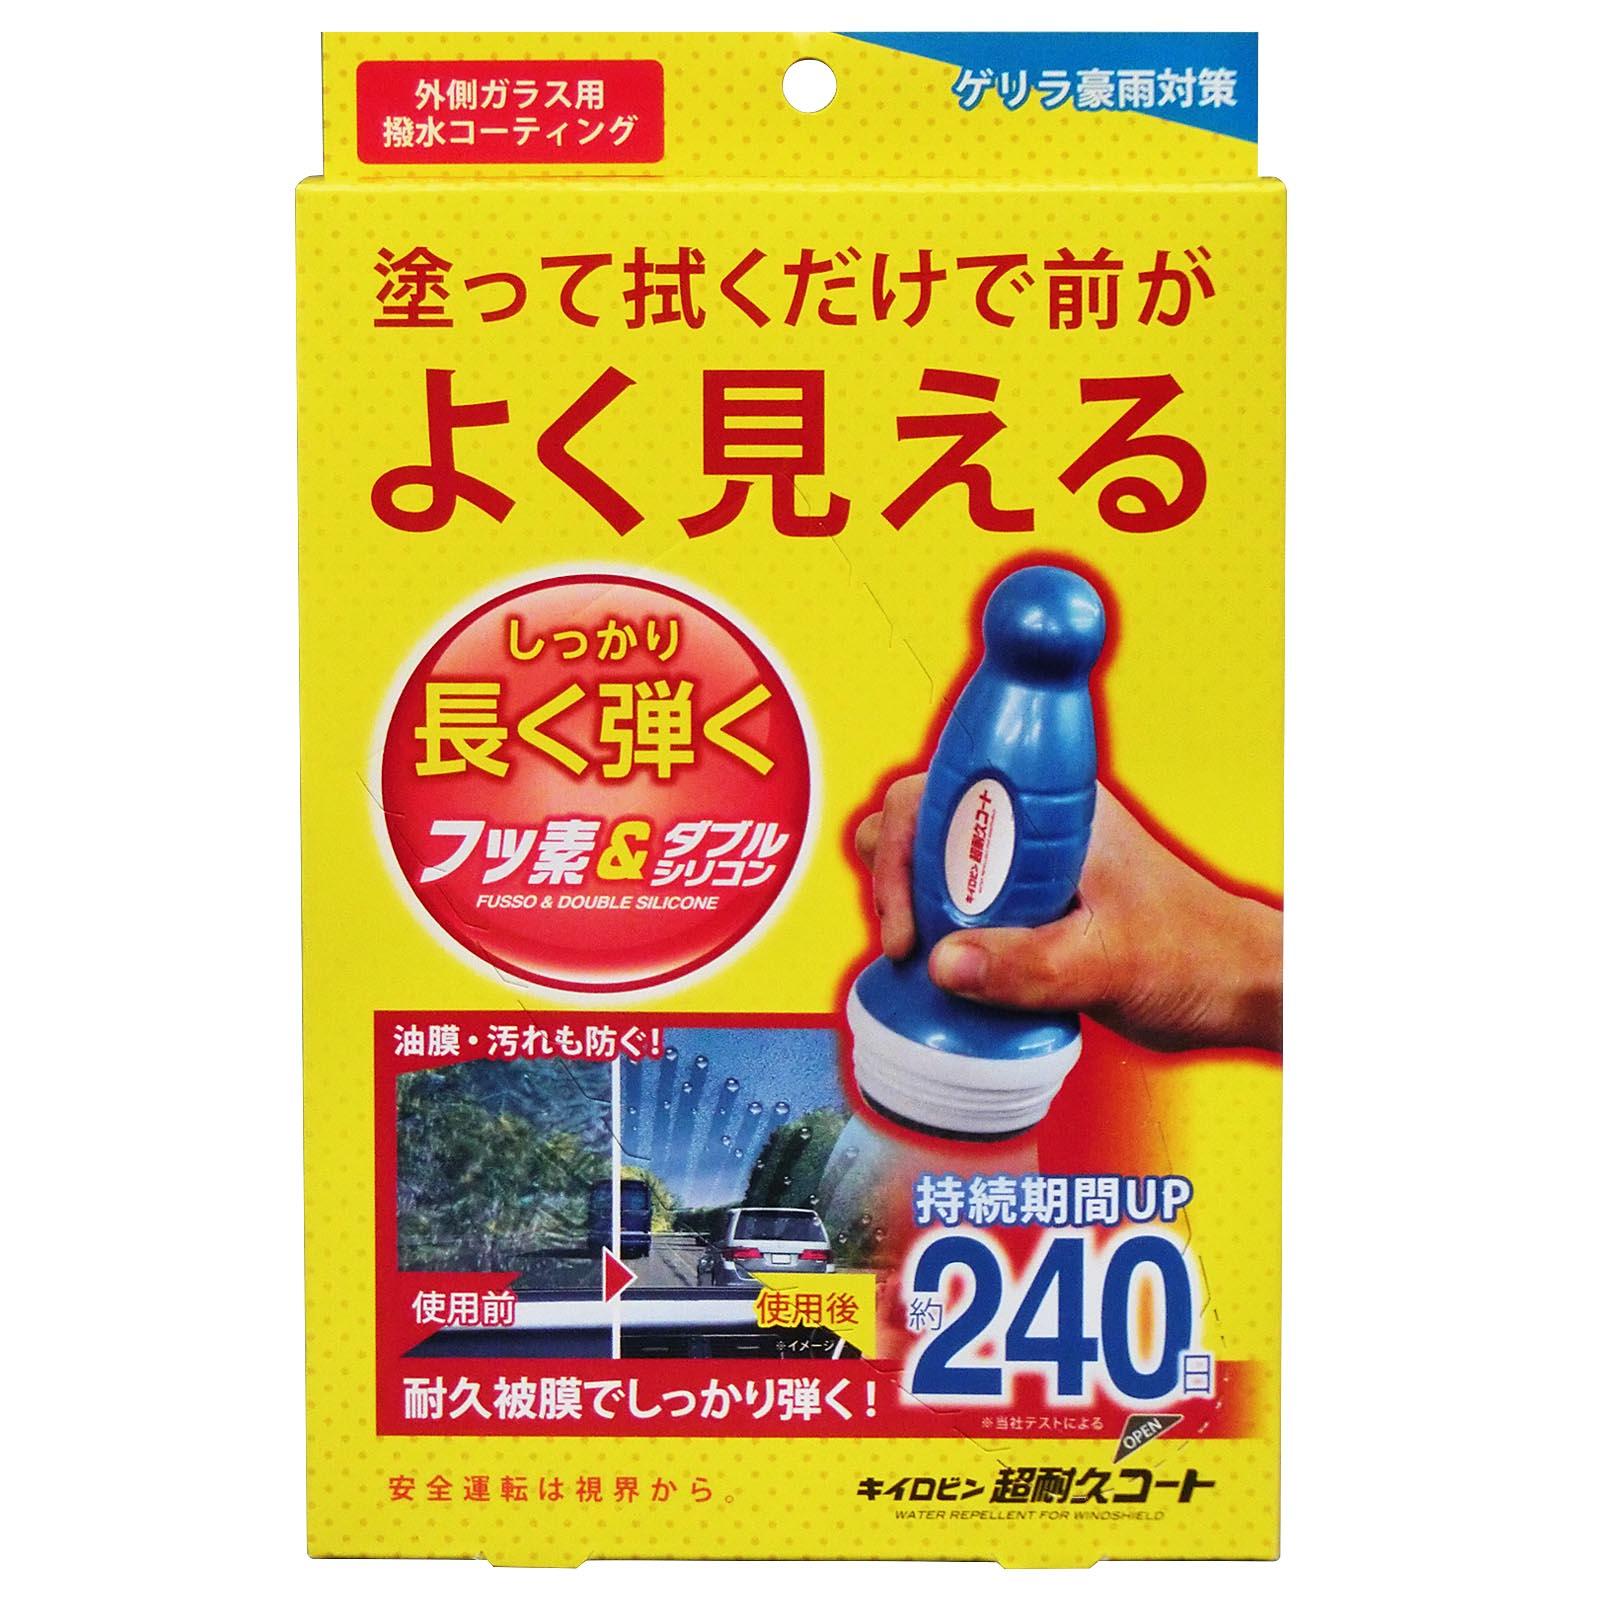 【禾宜精品】PROSTAFF 日本進口 超耐久 240天 車用玻璃 超撥水護膜劑 A-10 水滴不附著 視線清晰